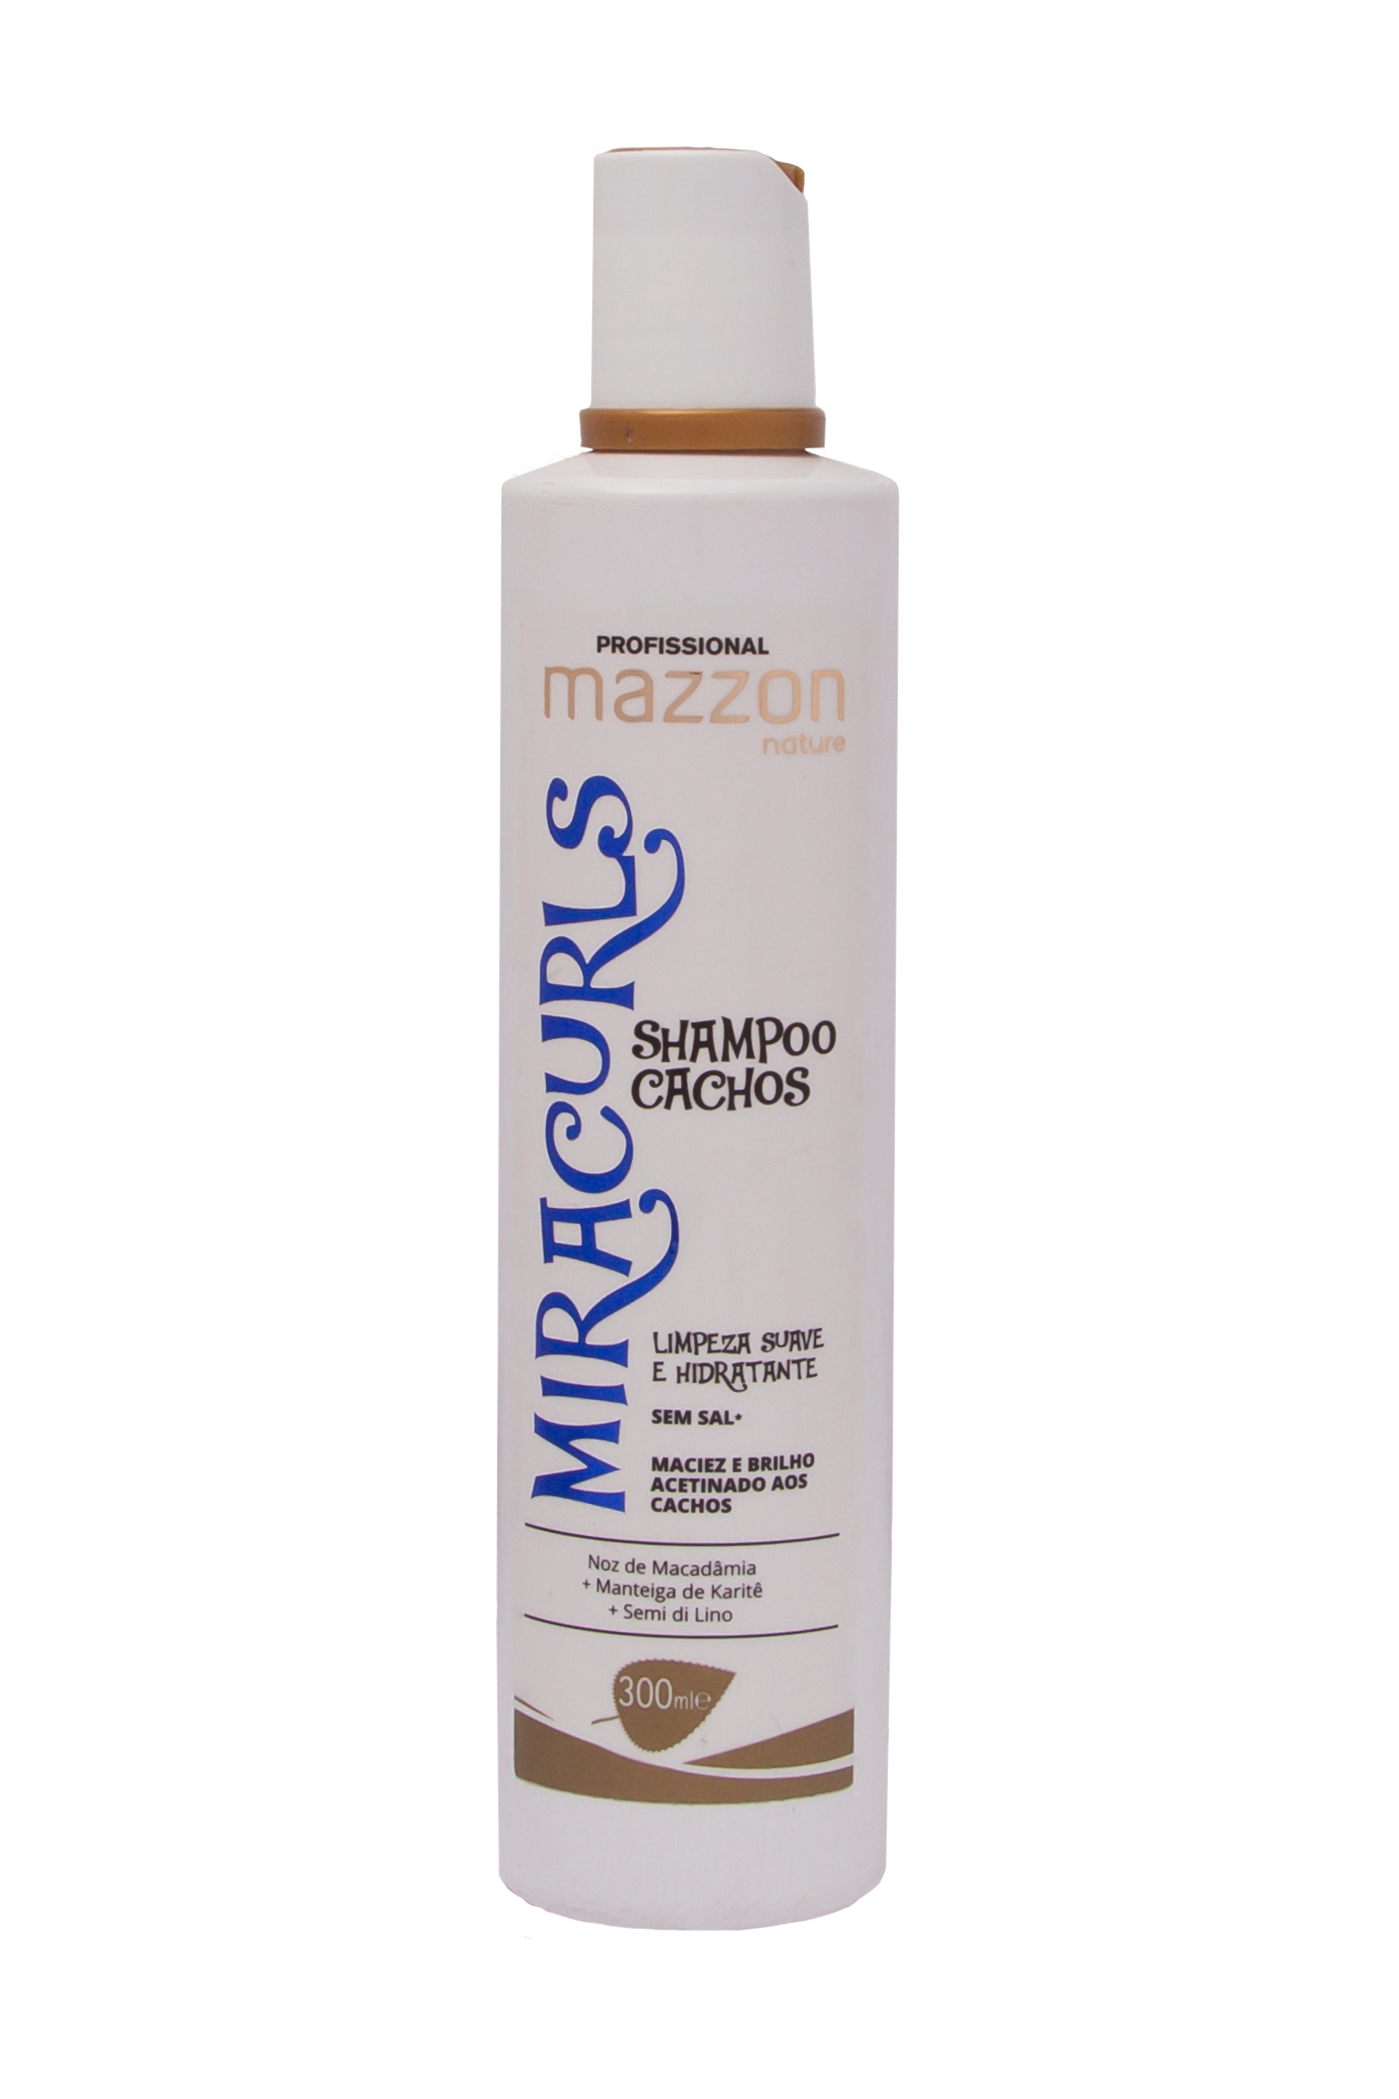 Shampoo Cachos